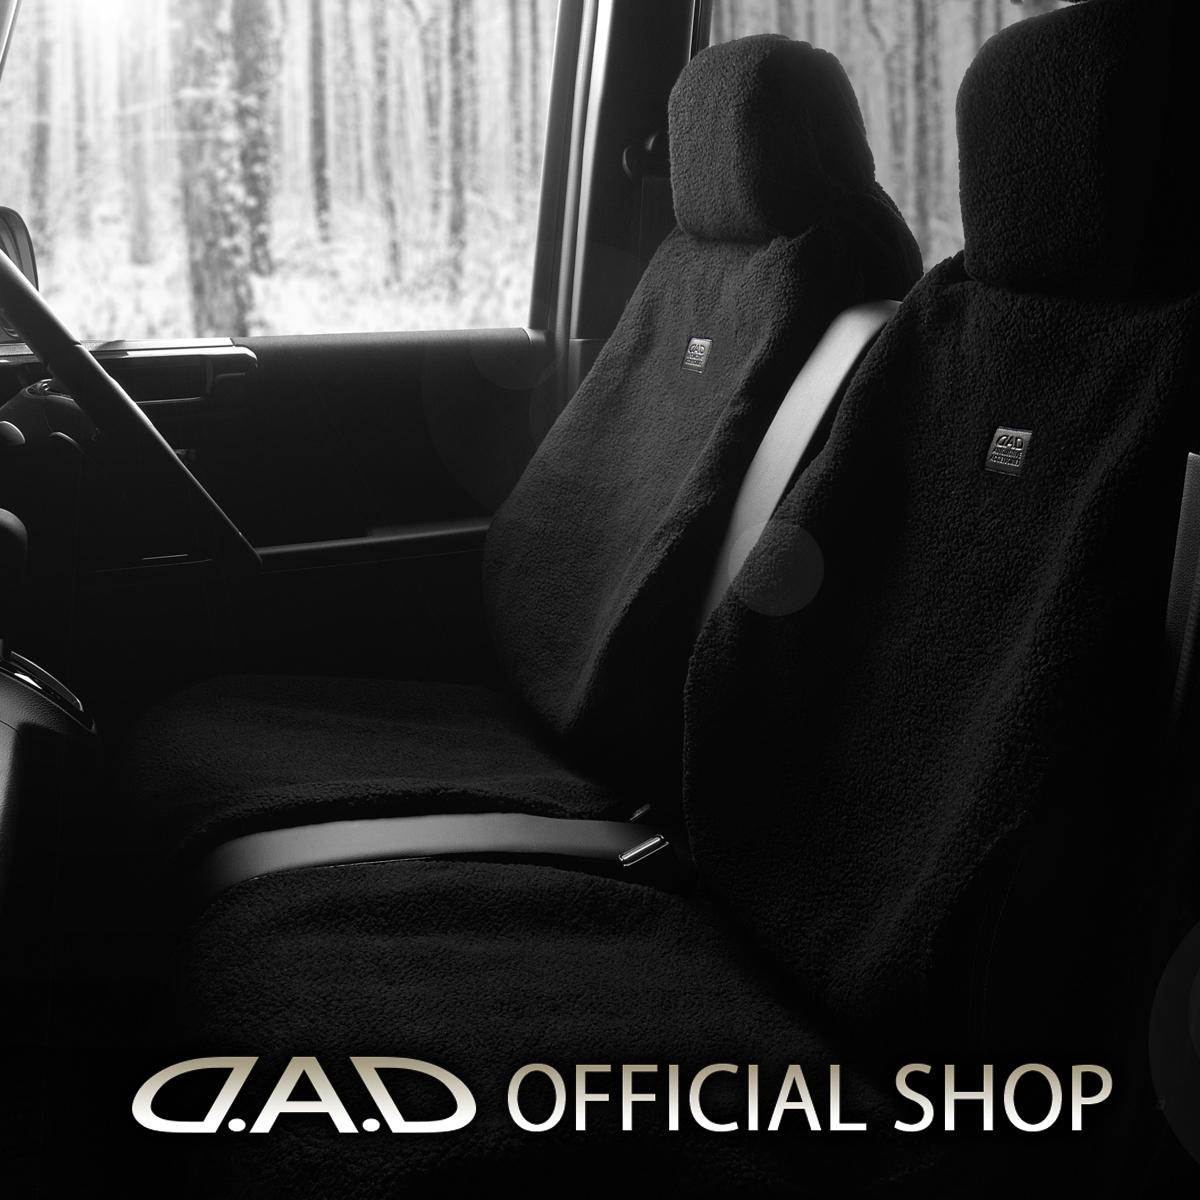 D.A.D ボアシートカバー ブラック [1piece] HA581 GARSON ギャルソン DAD